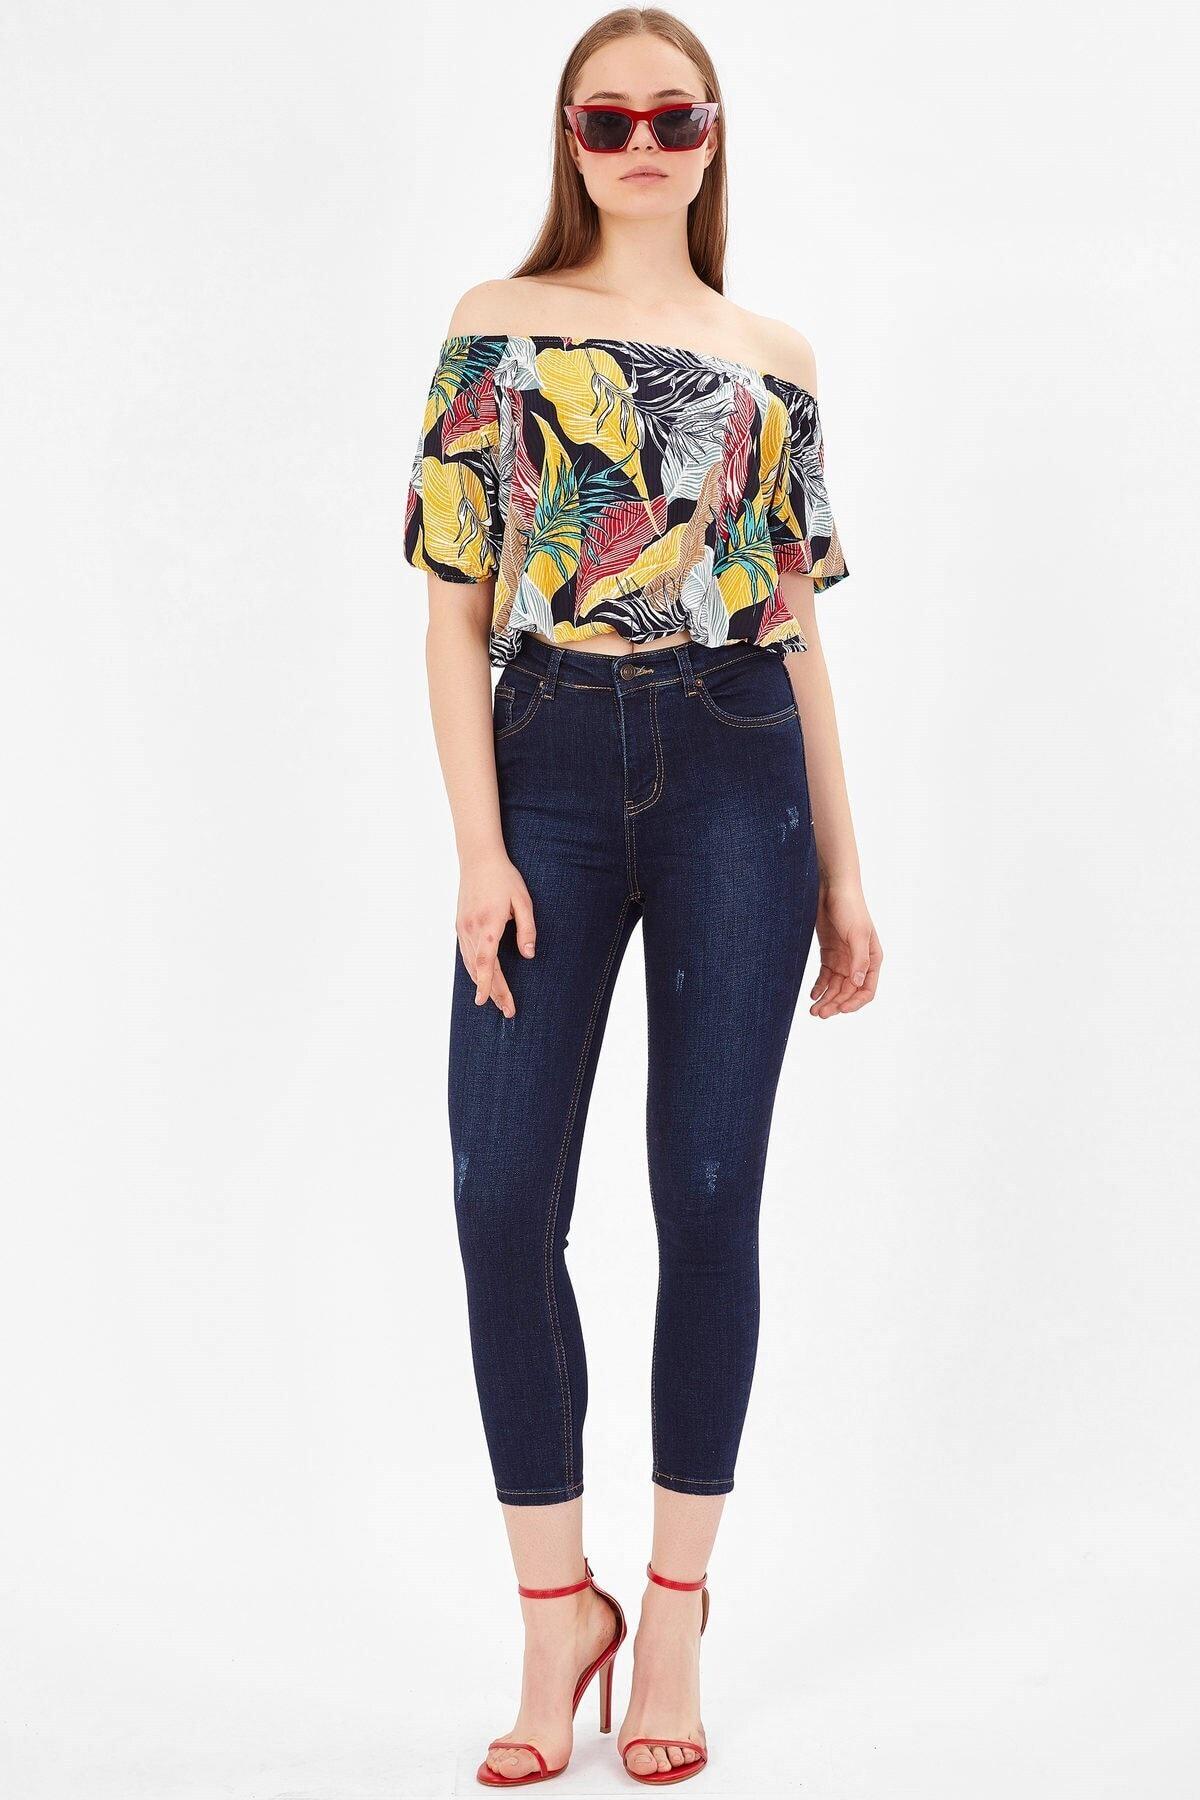 Arma Life Kadın Koyu Mavi Tırnaklı Yüksek Bel Pantolon 1